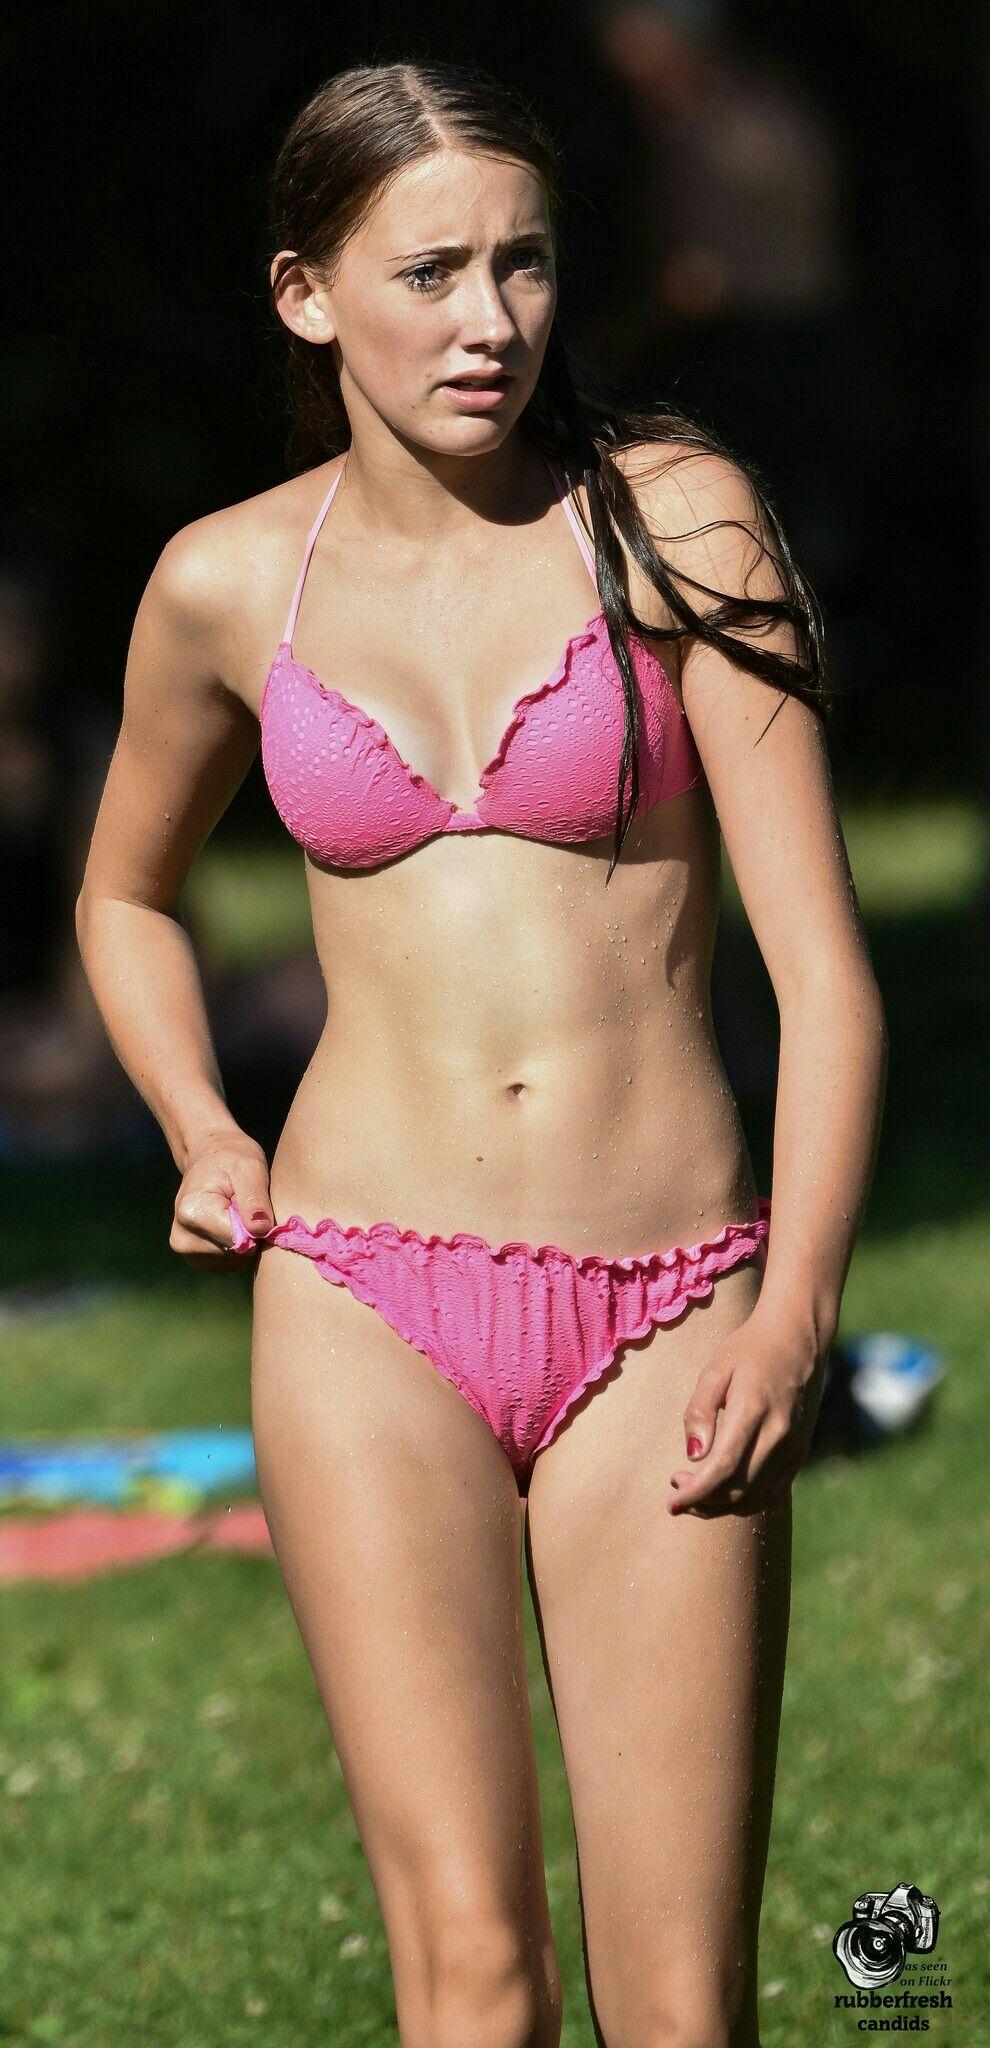 Kari byron nipples